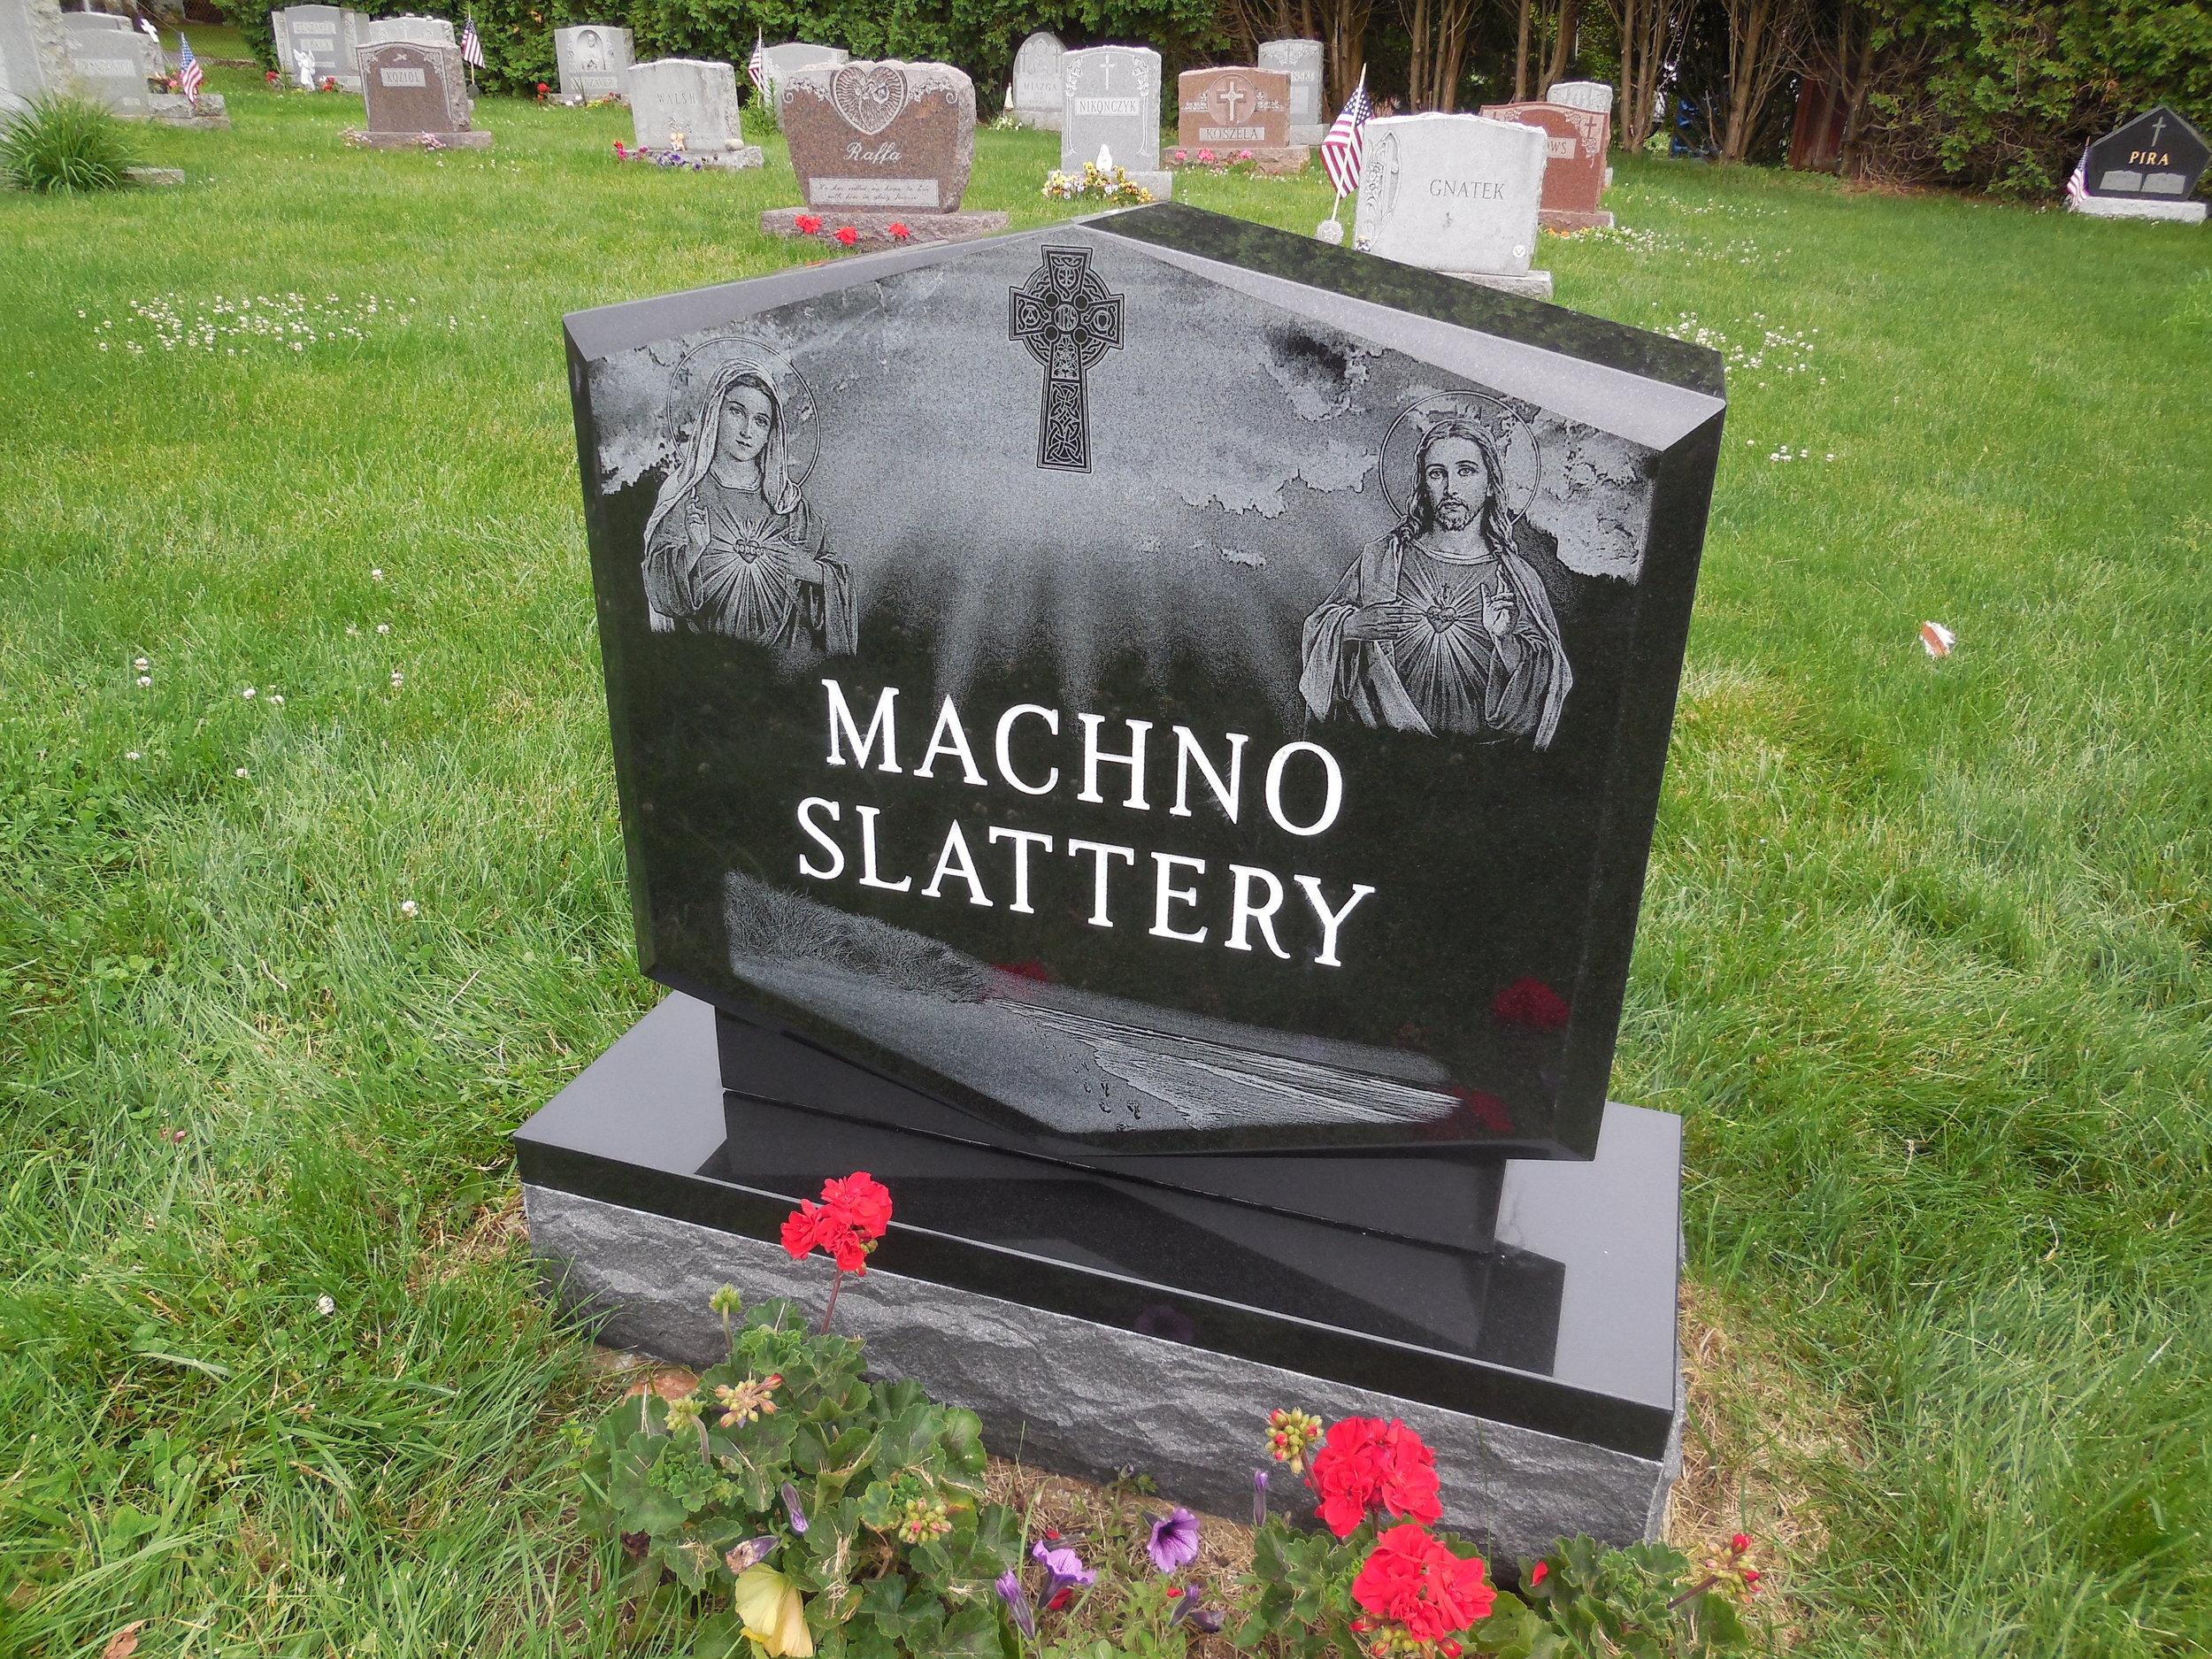 Machno Slattery 3.JPG